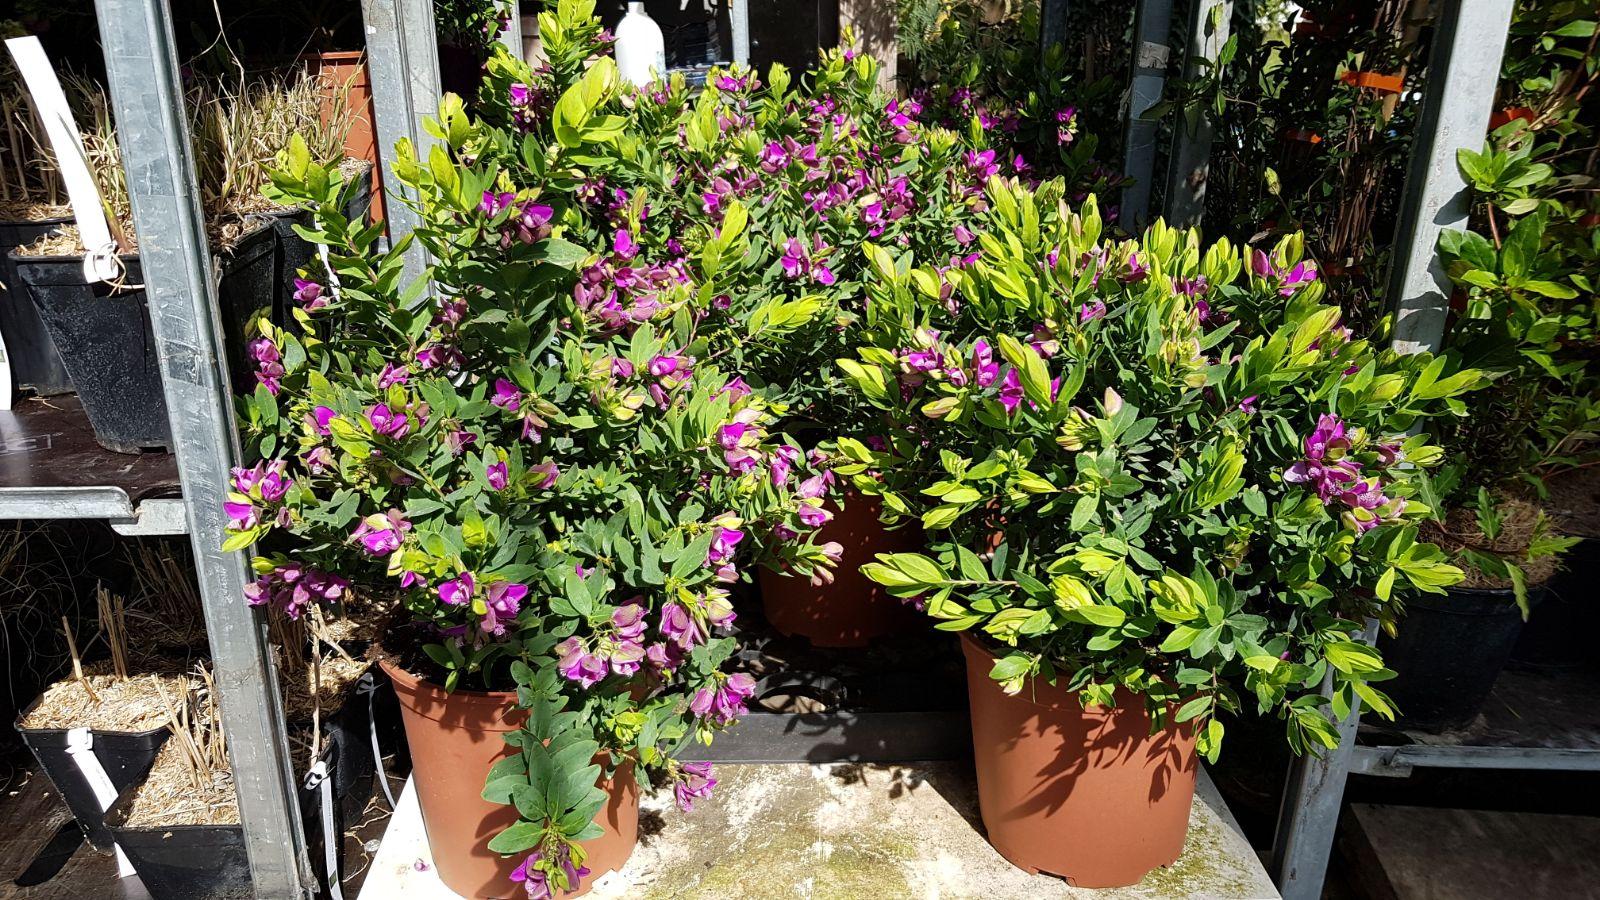 Arbuste Persistant Pour Pot bax destockage vegetal et horticole toulouse 31790 - 06.49